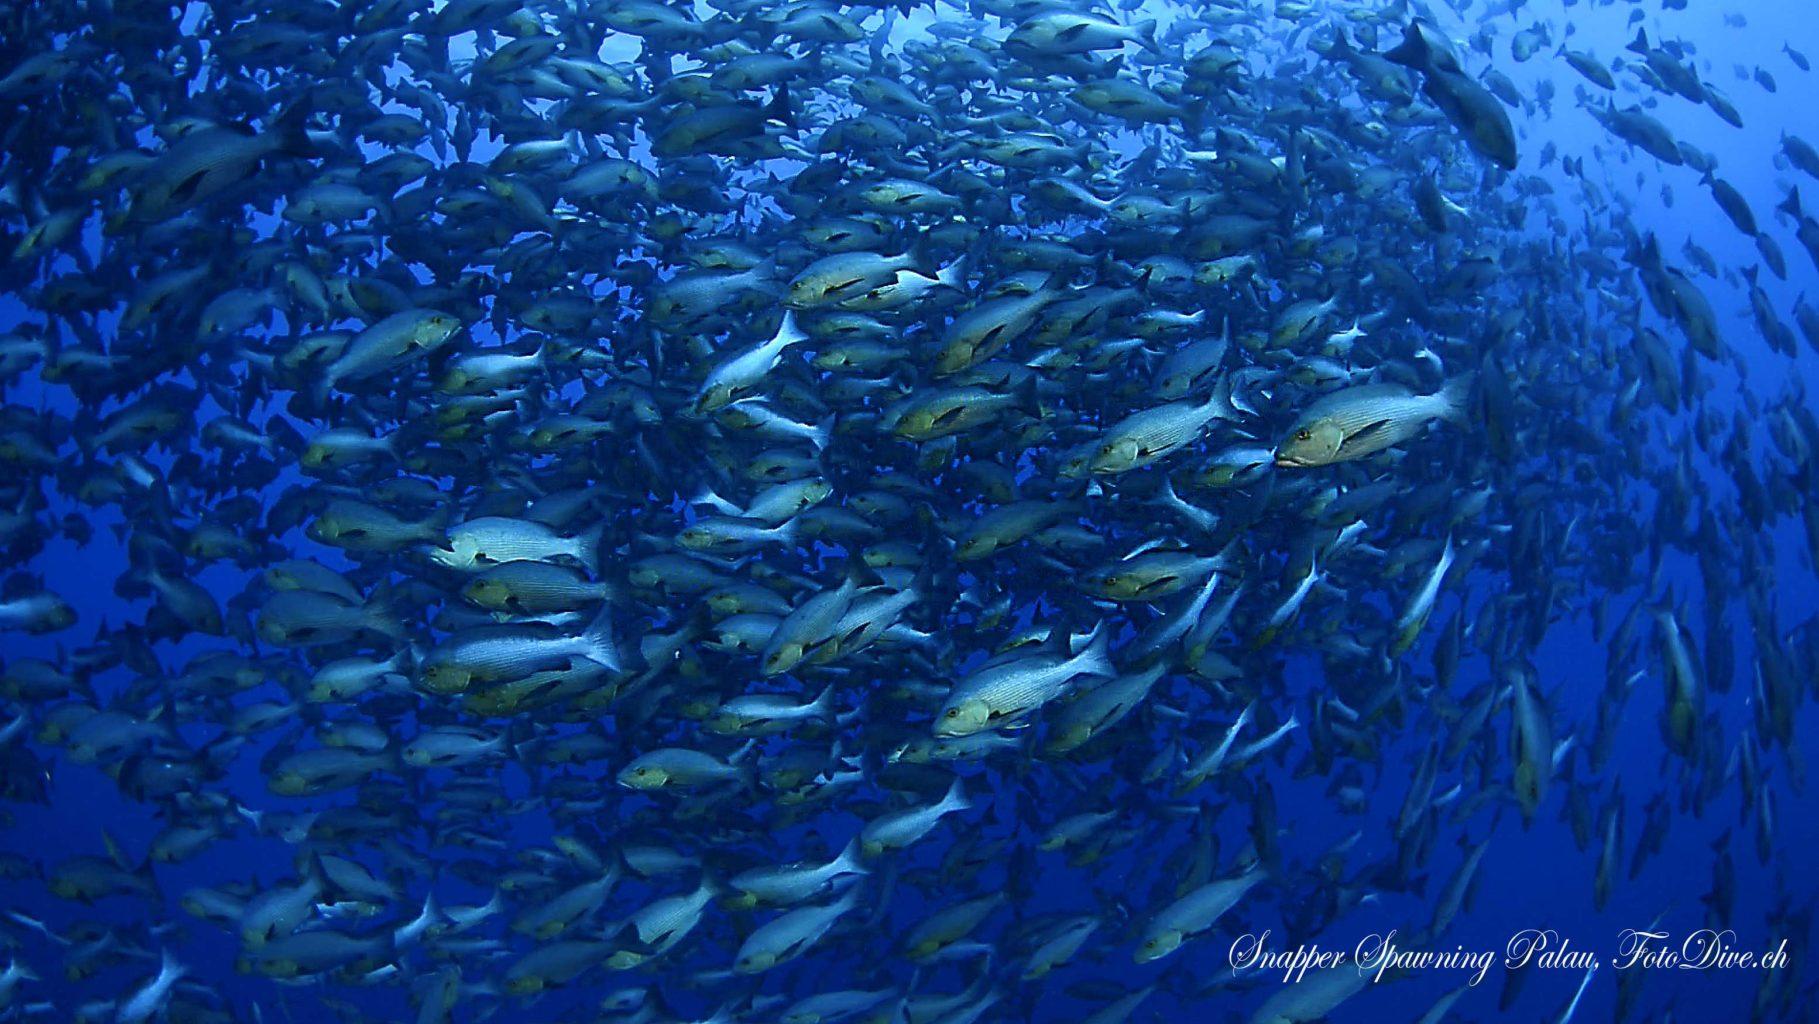 Snapper Spawning Palau